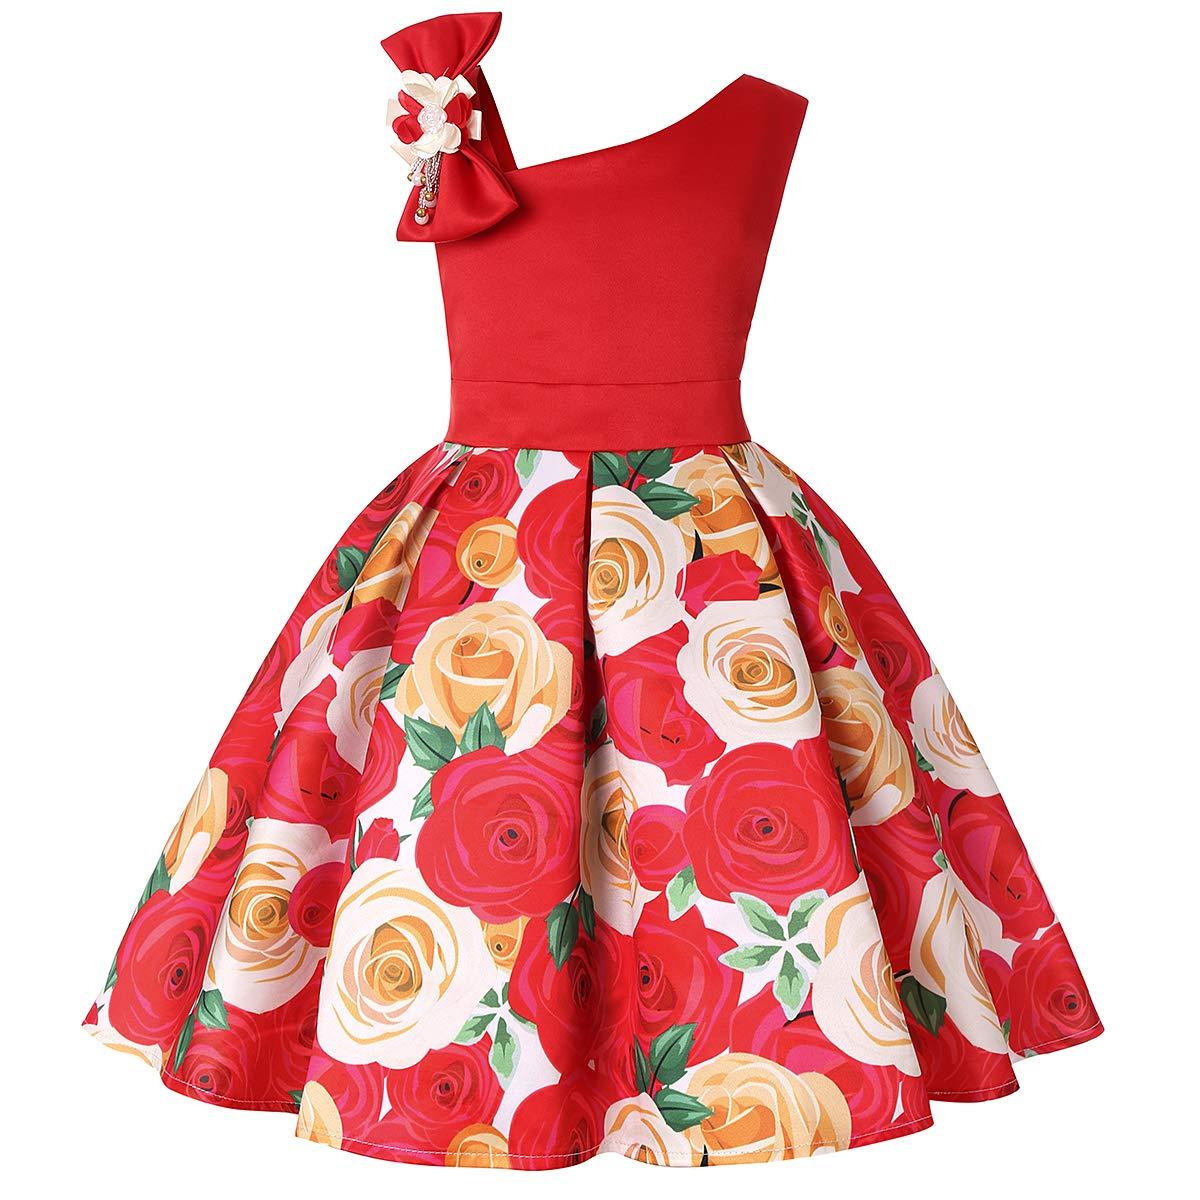 Kid Dress Toddler Girl Dresses Elegant Toddler Girl red Dress Birthday Dresses for Girls 12 Years Old Dressy Dress for 11-12 Year Old Girls (1863 Red,12) by LLQKJOH